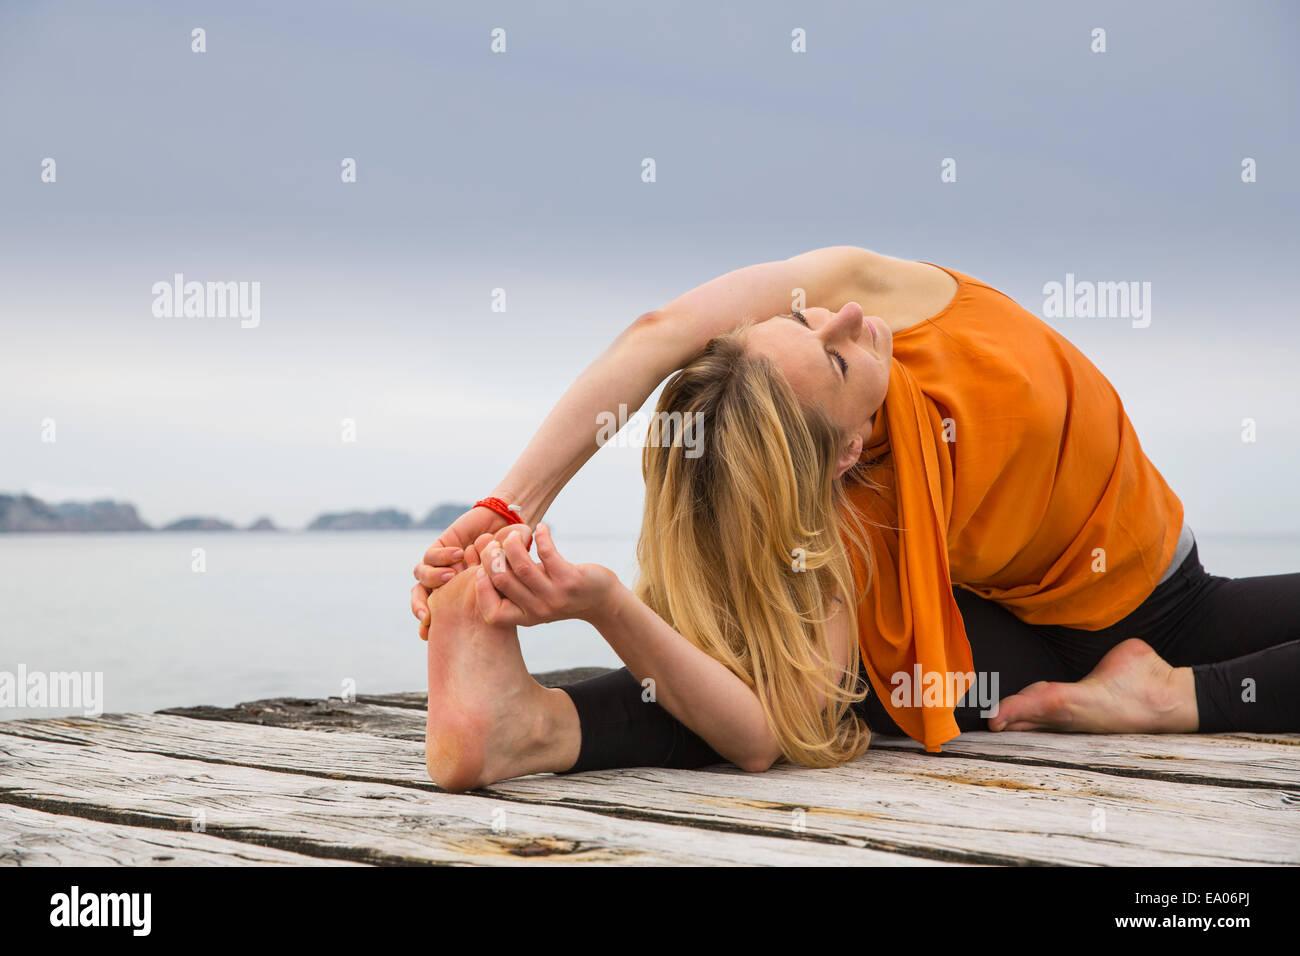 Mujer adulta media tocar los dedos practicando yoga en Mar del muelle de madera Imagen De Stock